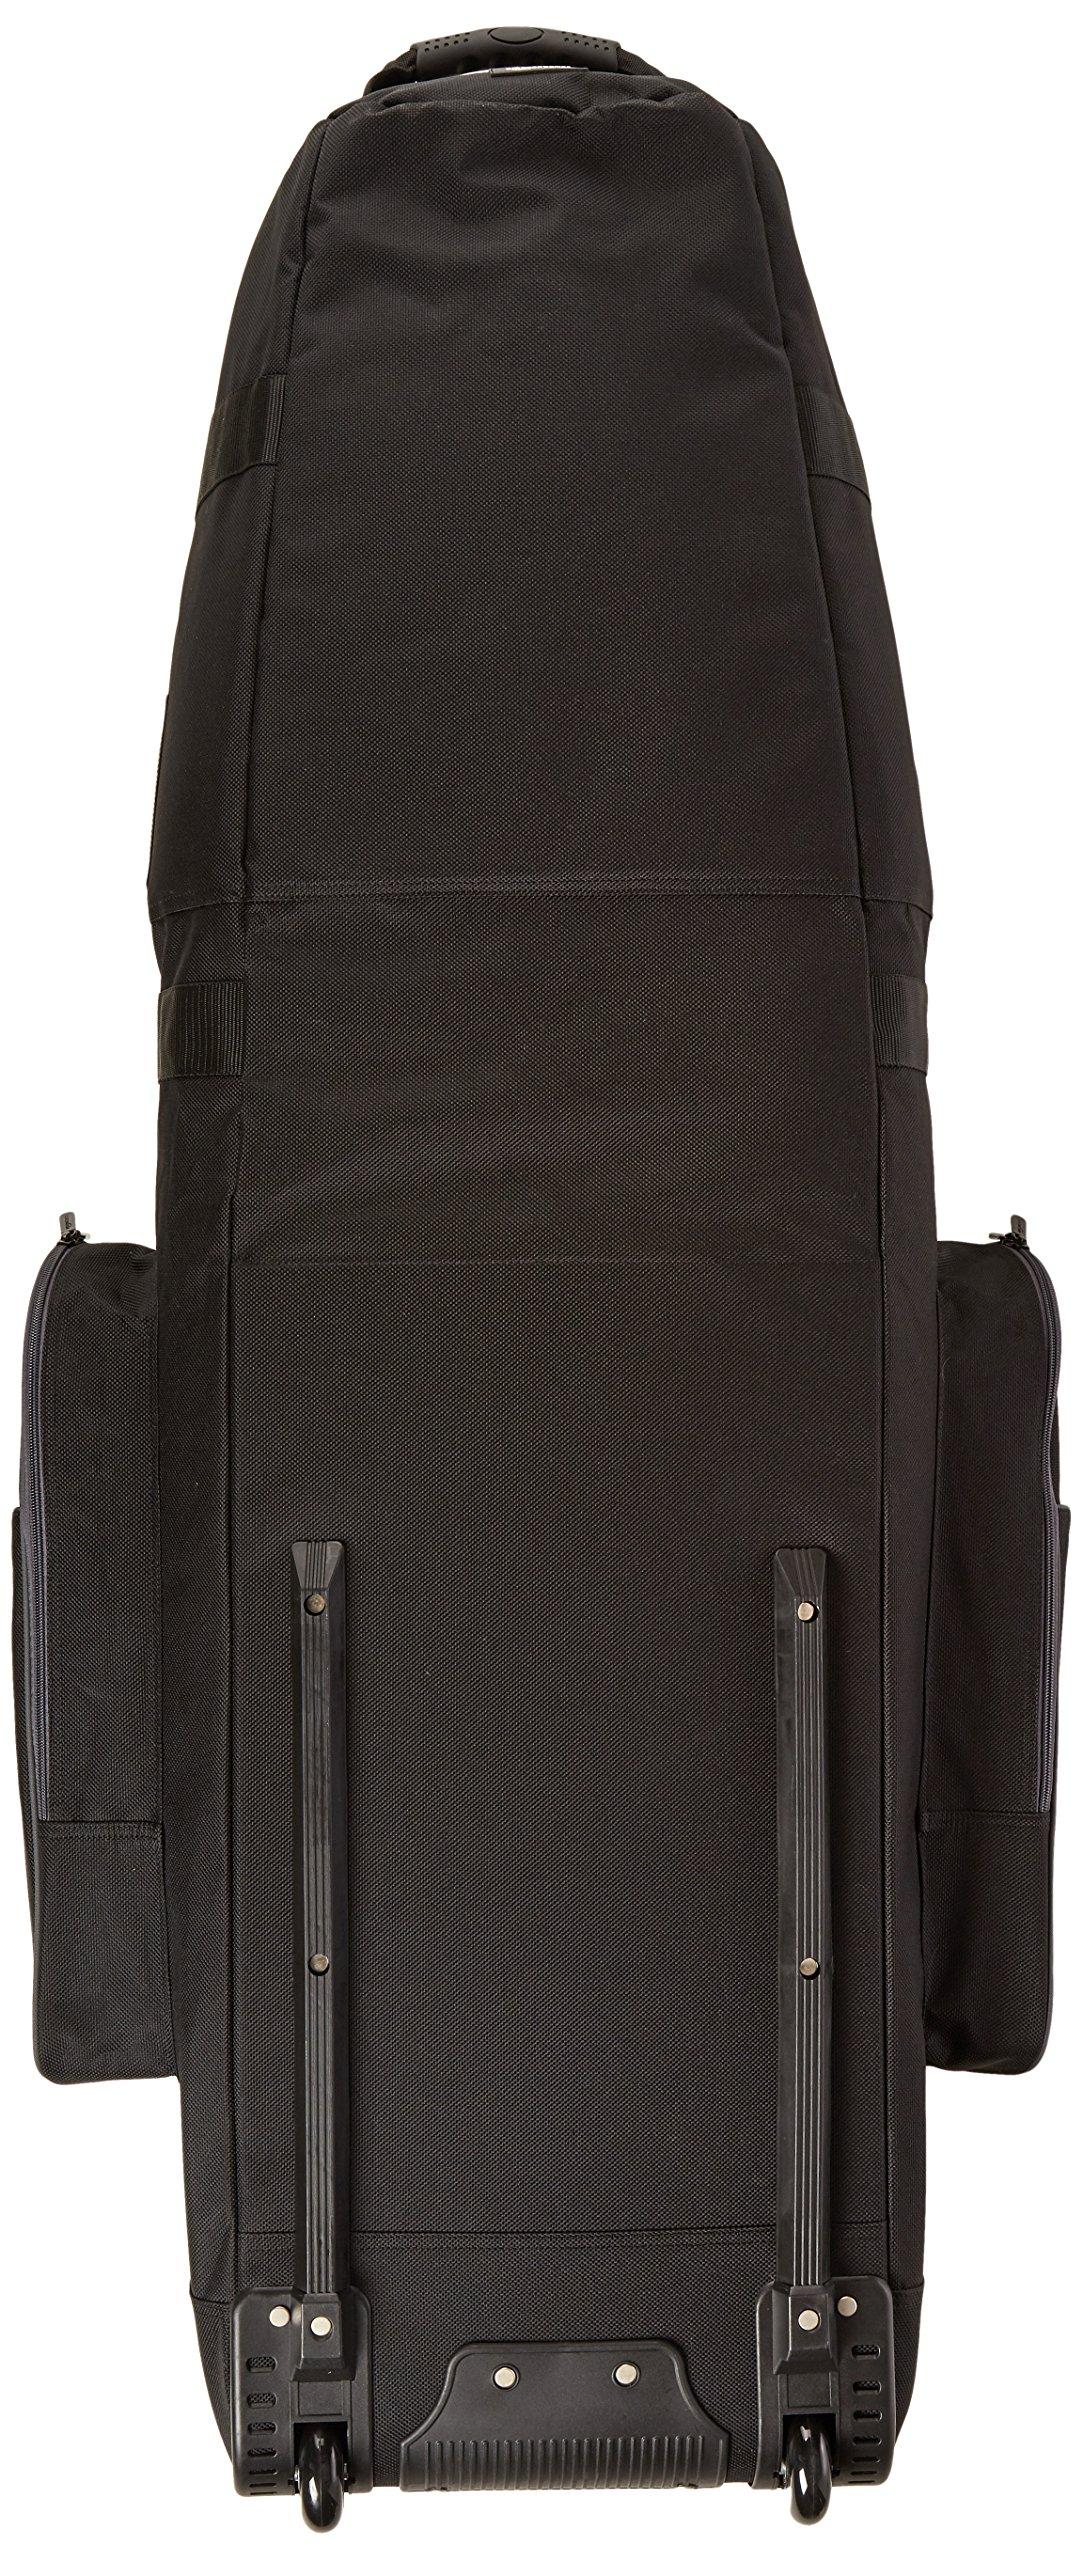 AmazonBasics Soft-Sided Golf Travel Bag by AmazonBasics (Image #5)